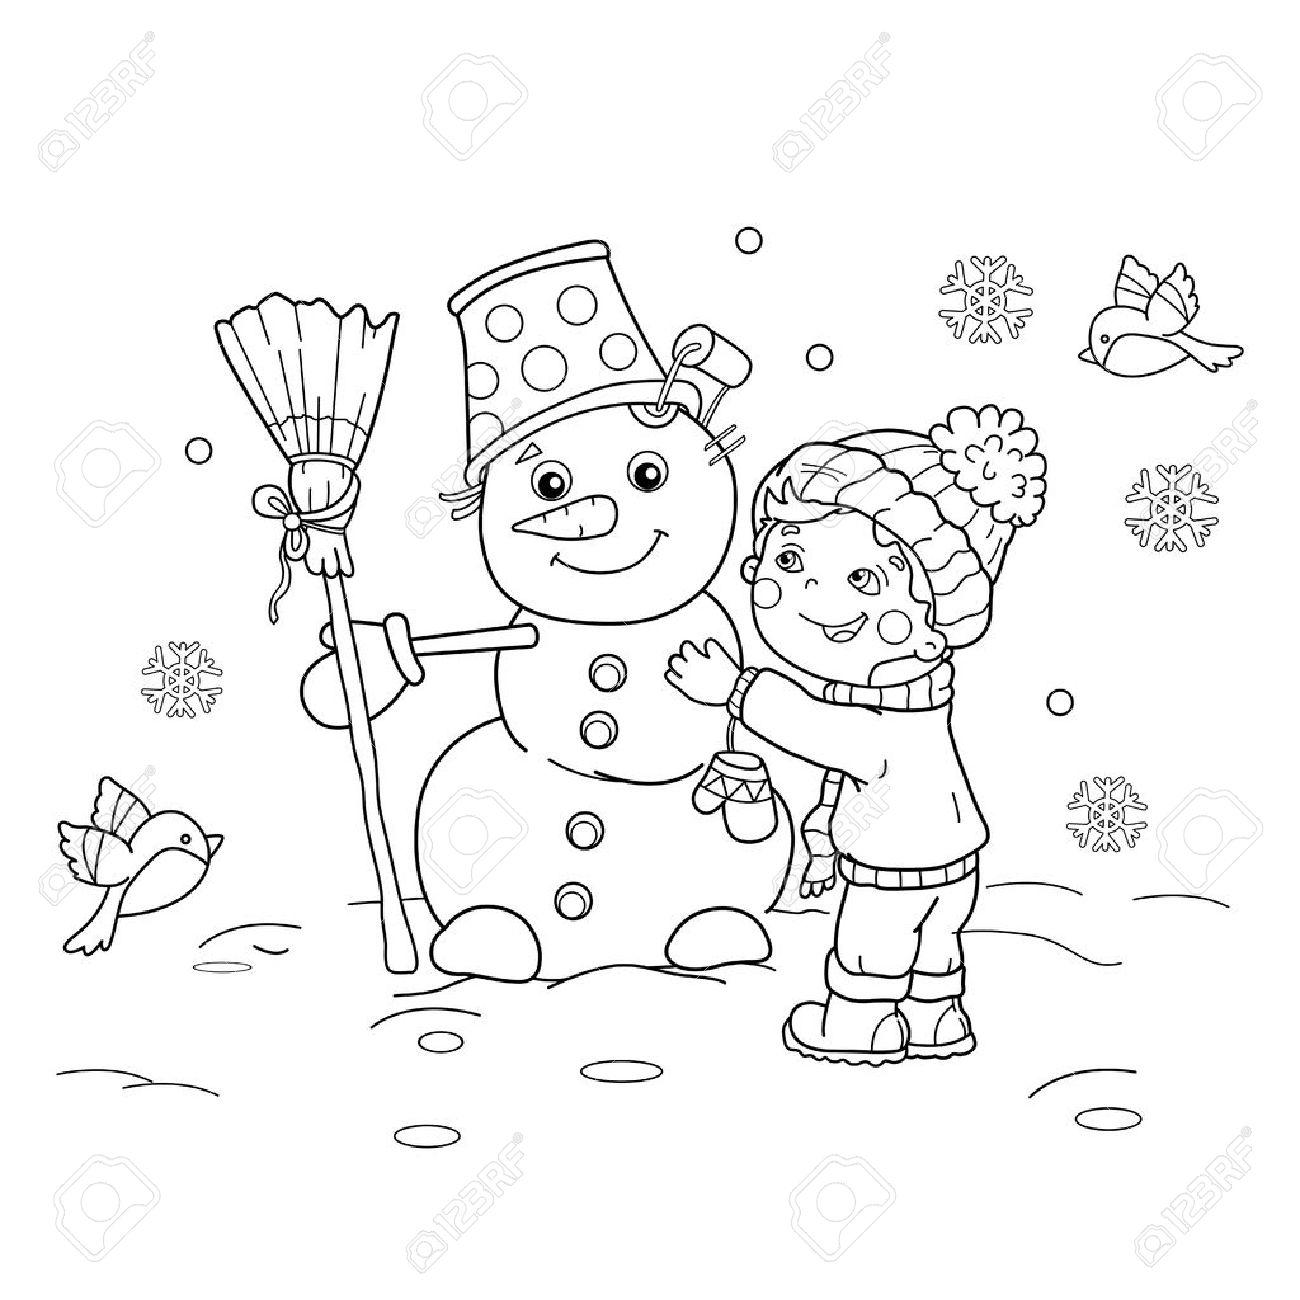 Dibujos De Invierno Para Colorear. Top Buscar Imagenes De Invierno ...